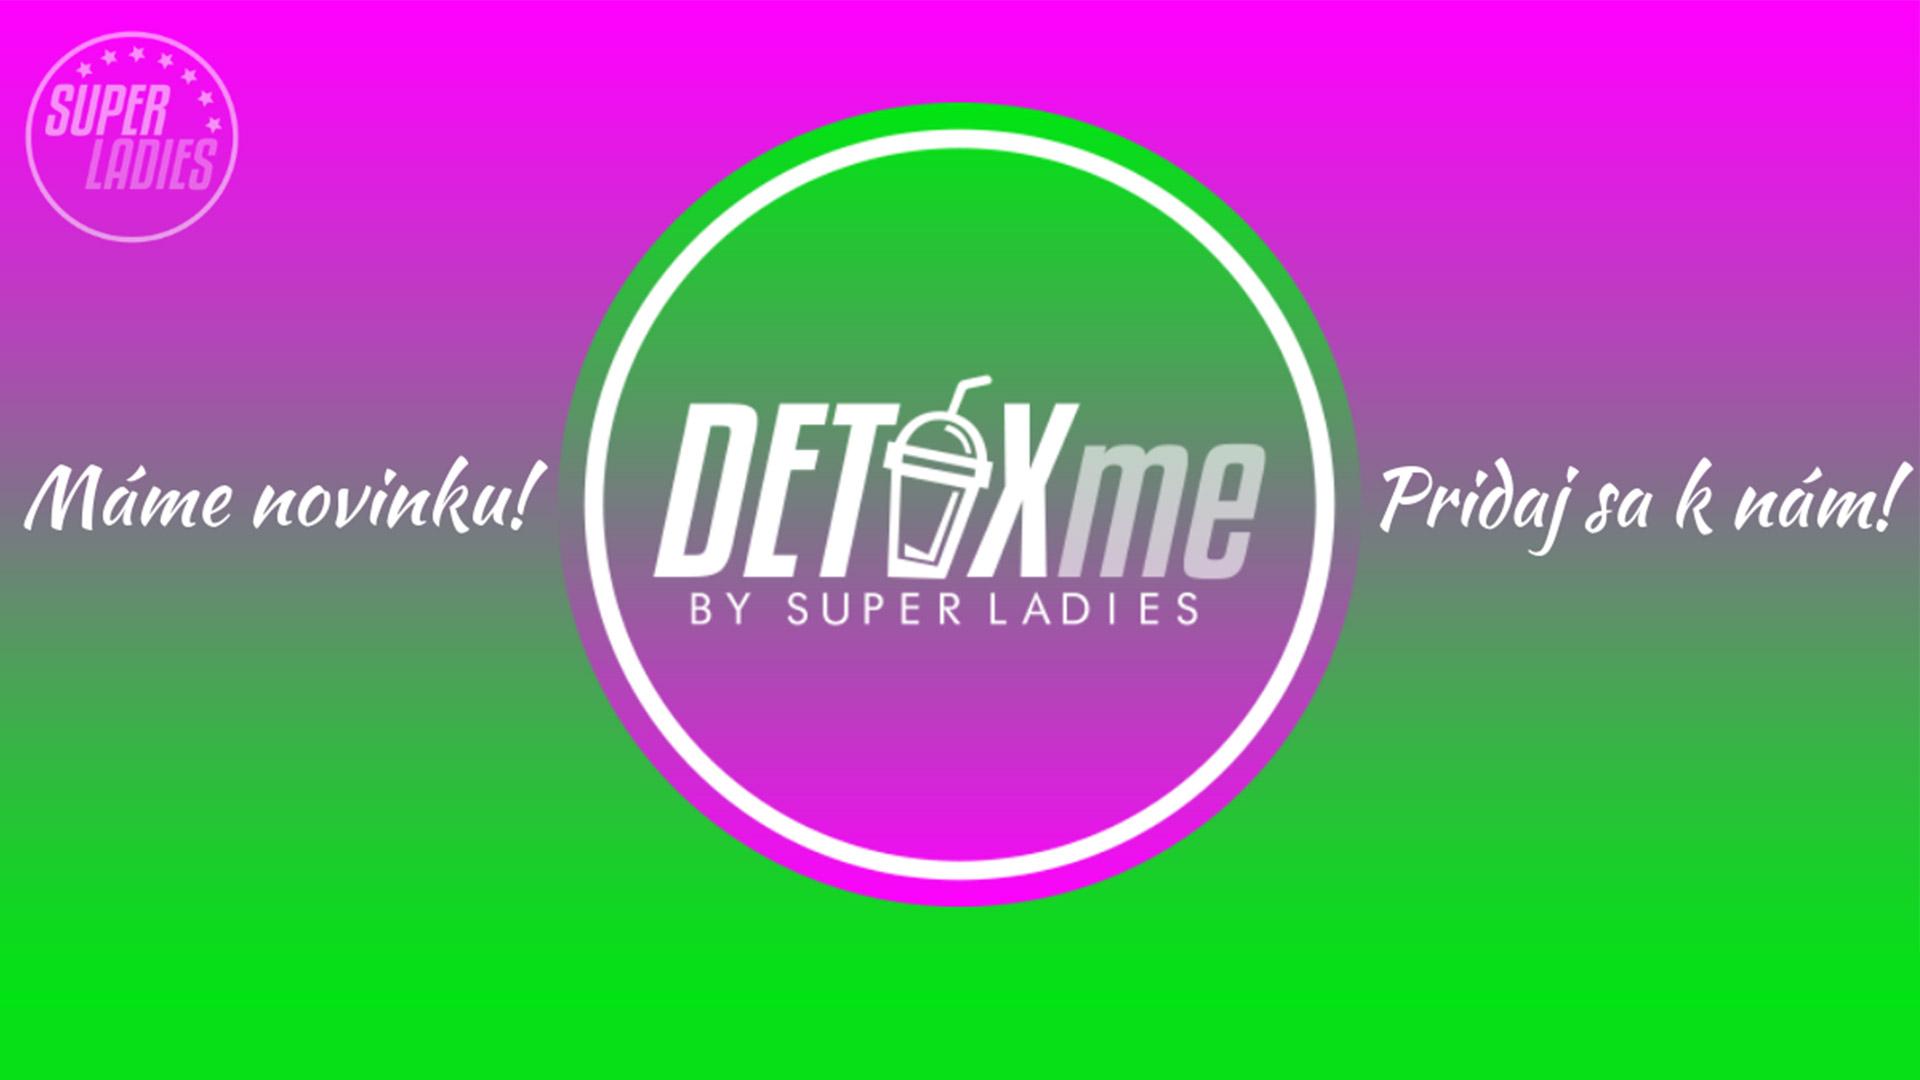 Superladies_detoxme-eventy